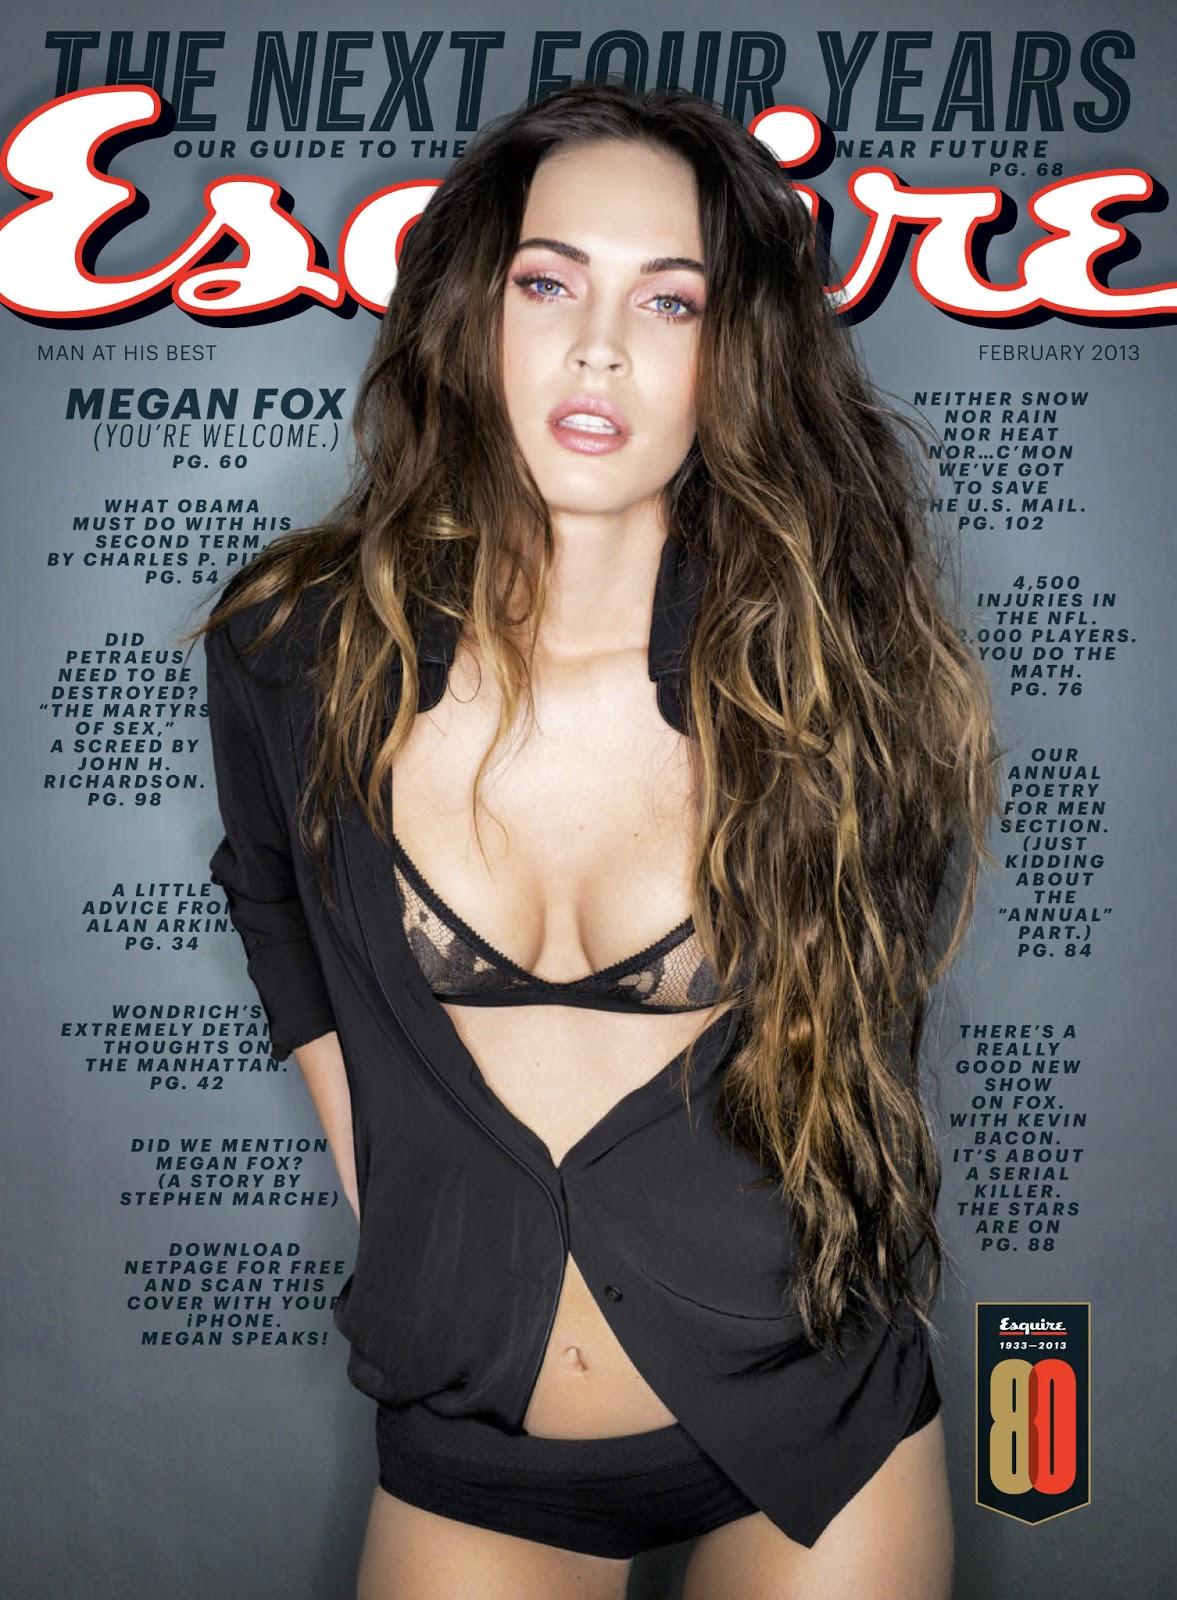 http://3.bp.blogspot.com/-_bj9IcKogeo/UPXXWZD5vdI/AAAAAAAAU1s/yCgCpGm5YjM/s1600/People+Megan+Fox_Phyr.jpg